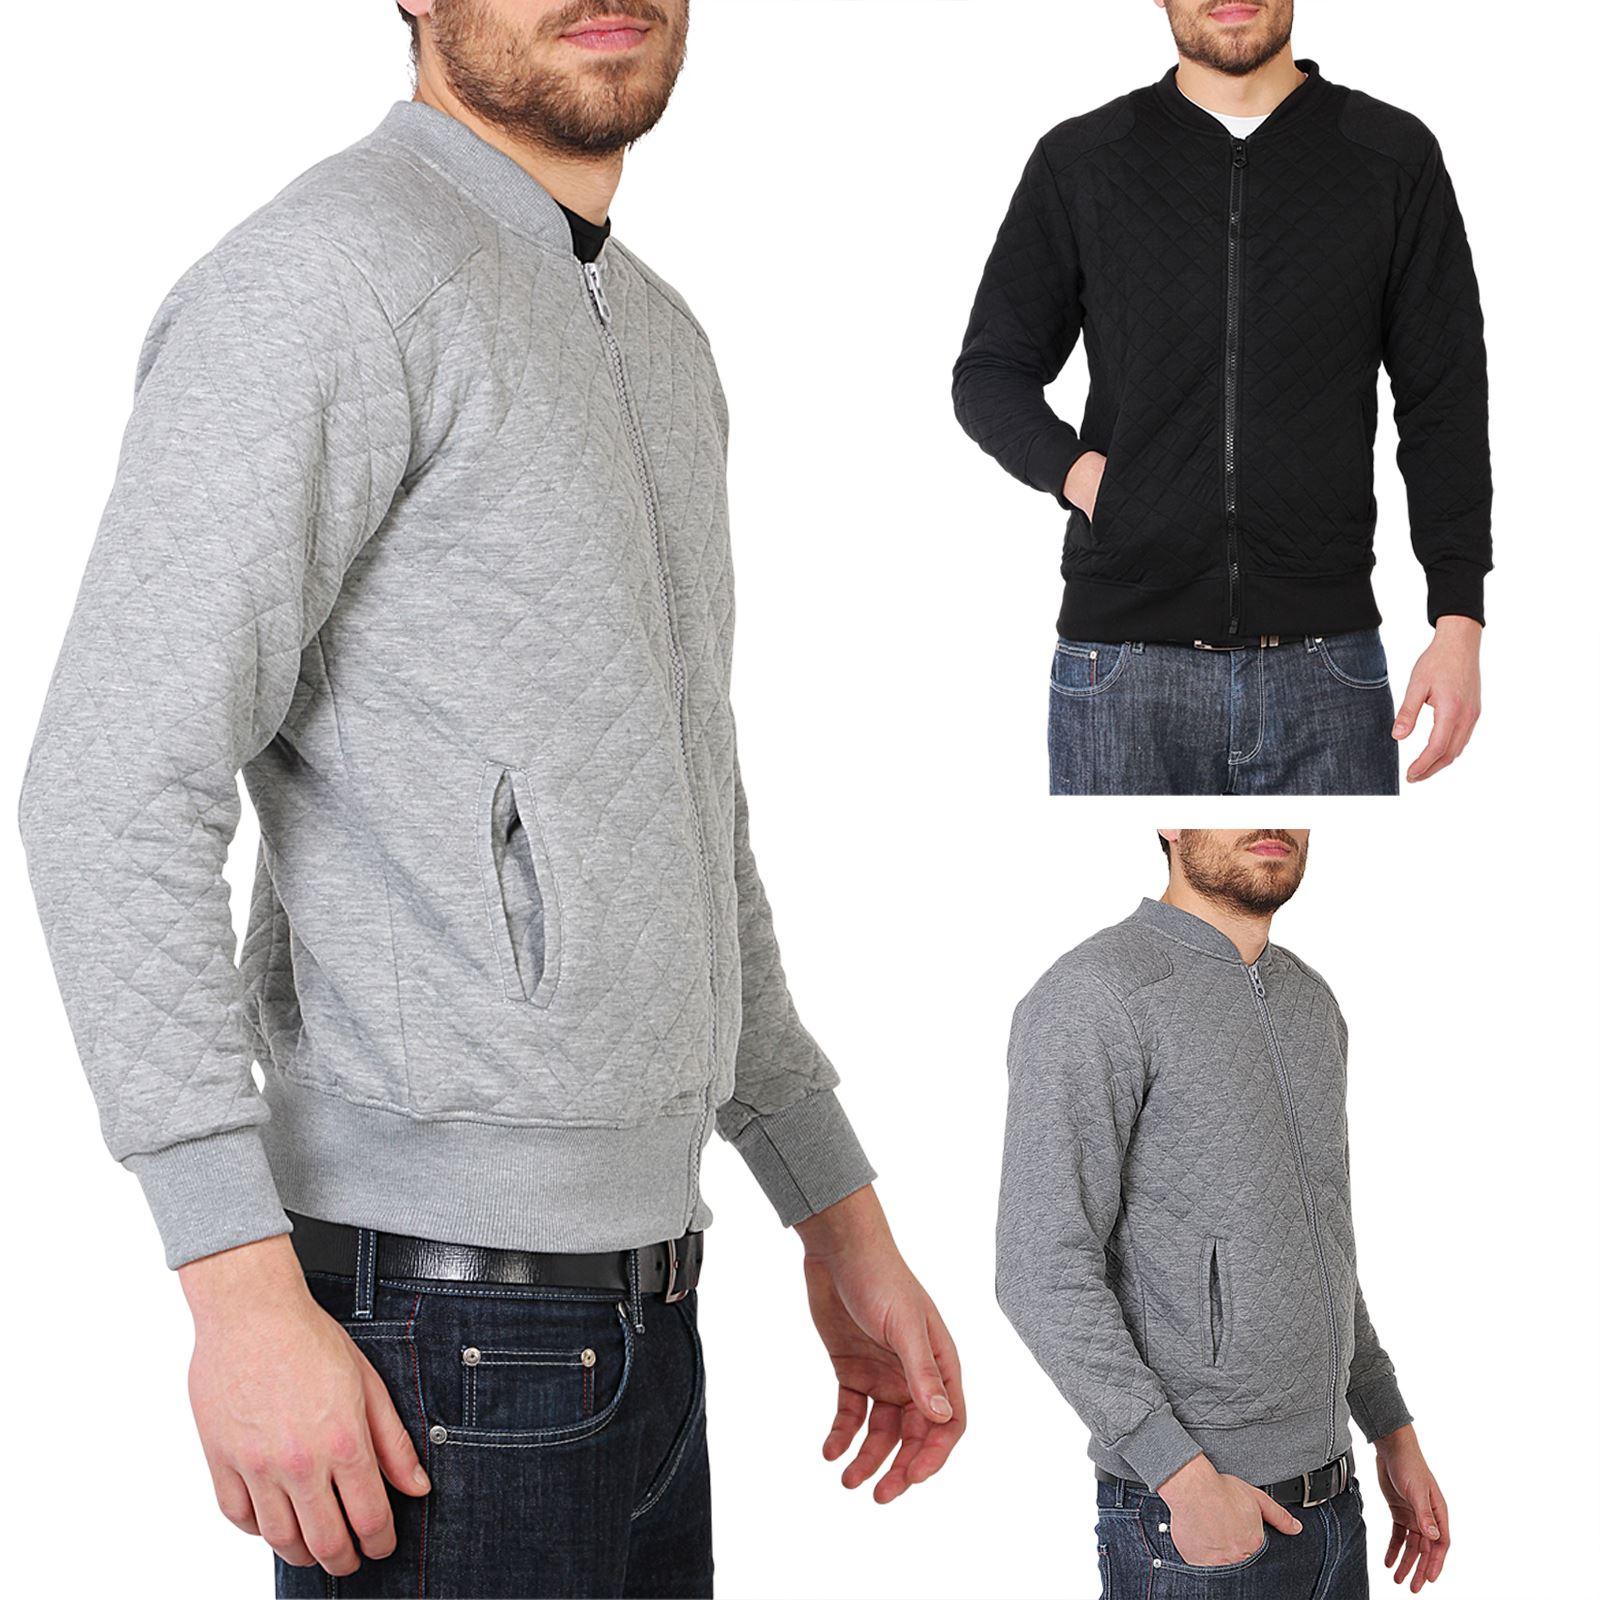 Mens Quilted Zip Up Classic Bomber Jacket Sweatshirt Top